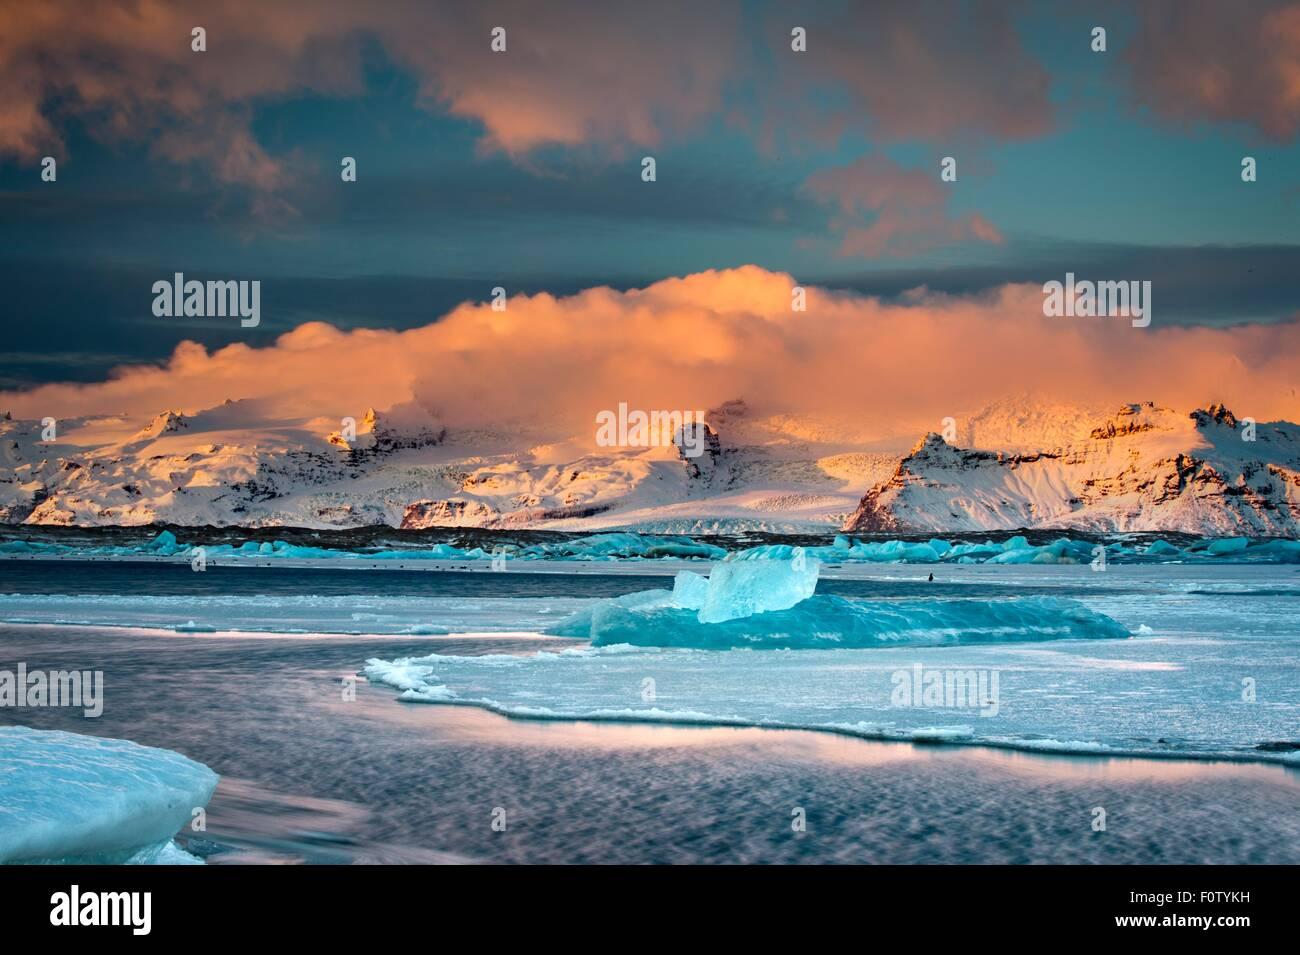 Glacier lake, Iceland - Stock Image